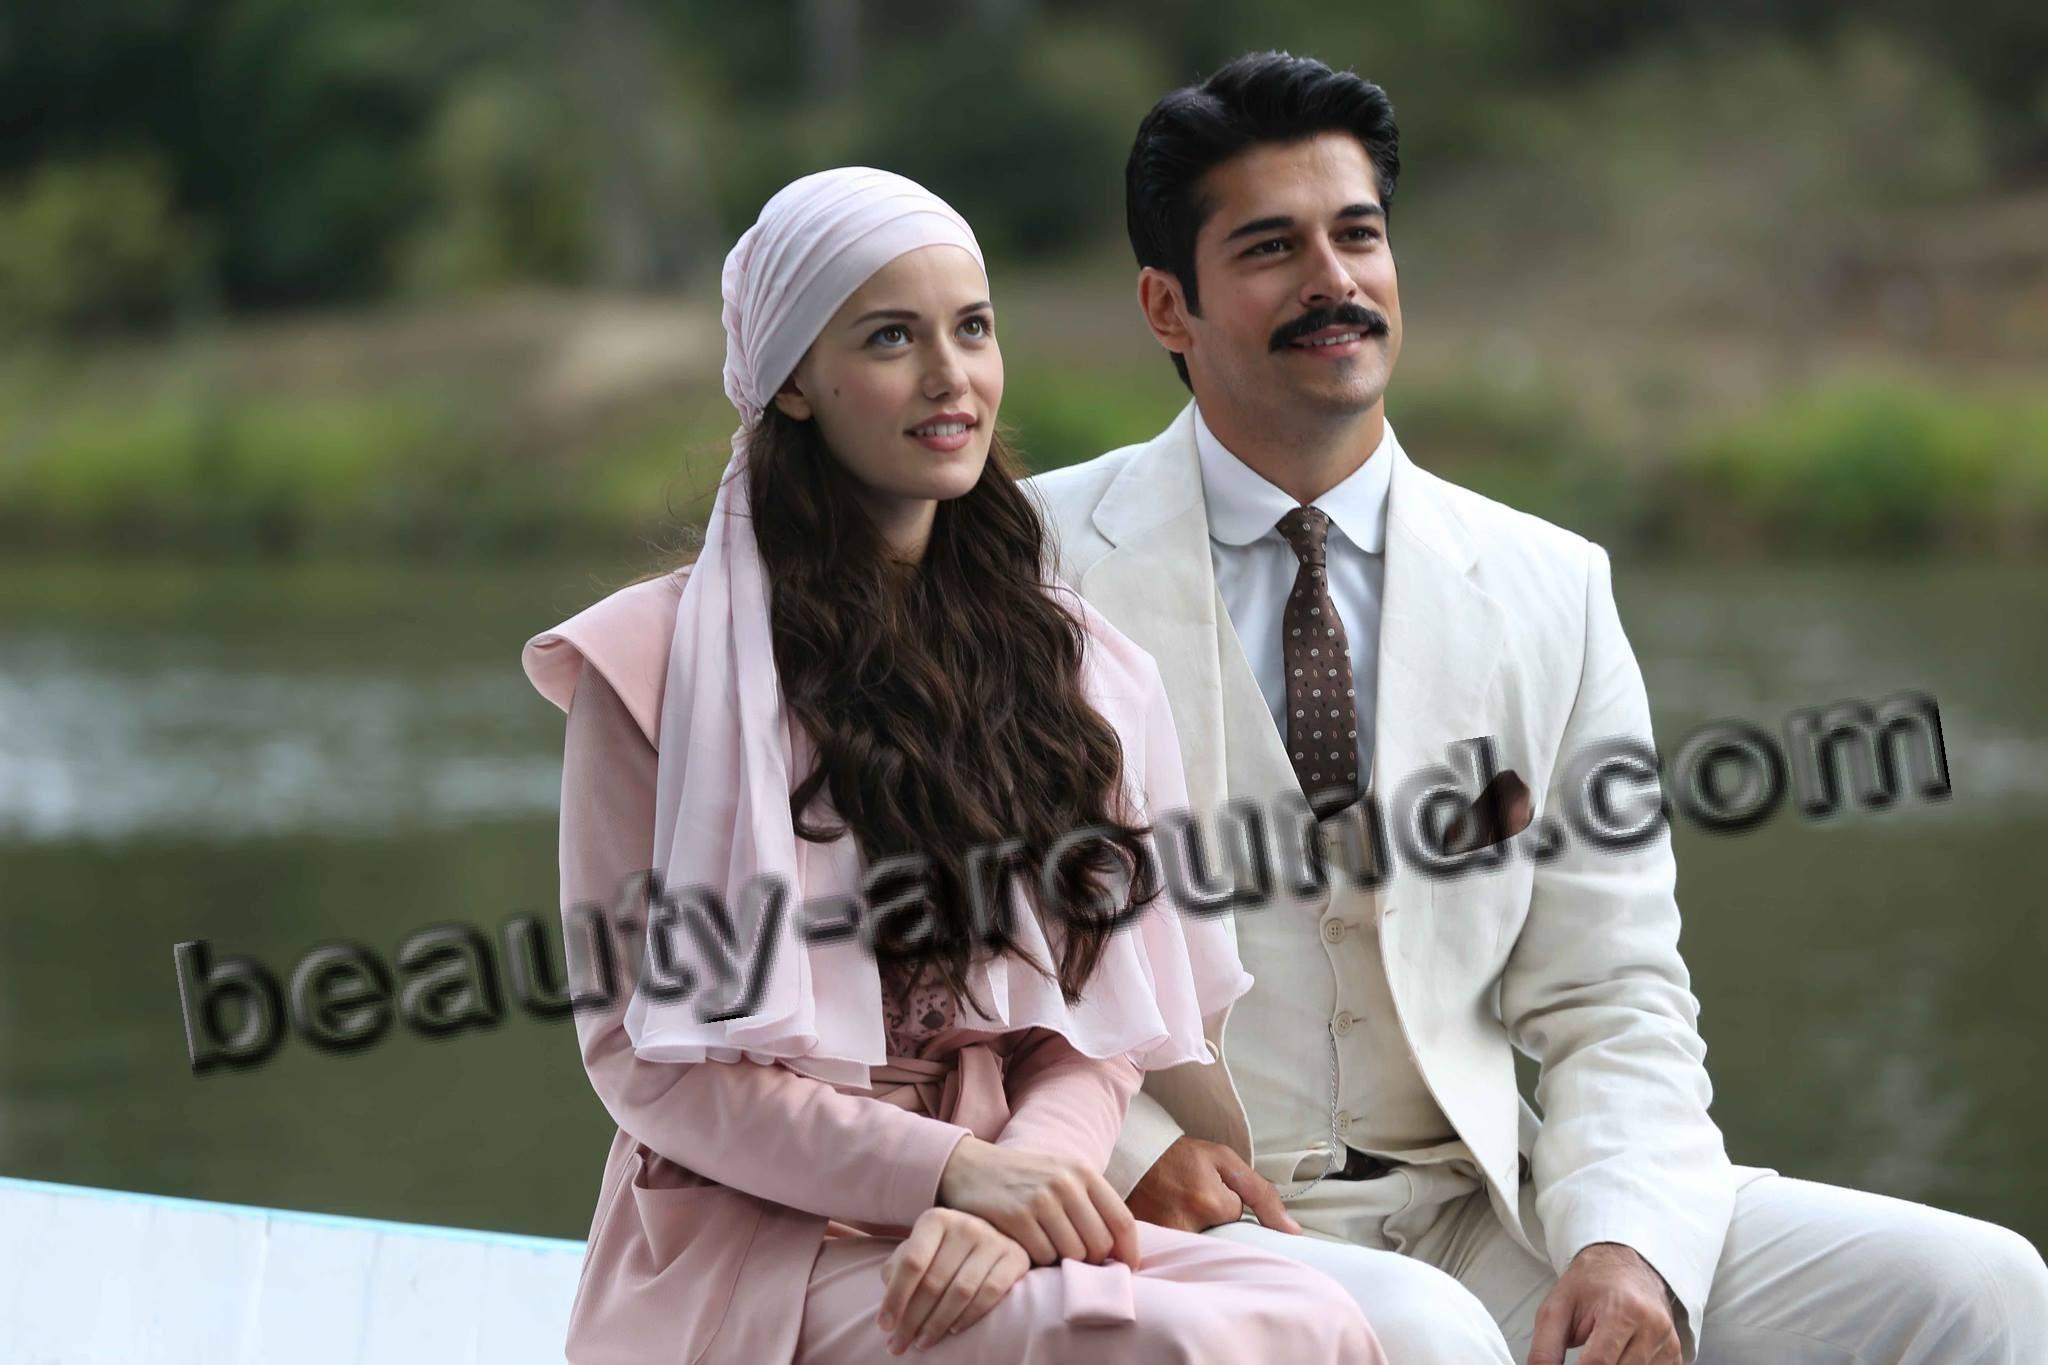 Фахрие Эвджен и Бурак Озчивит в самом лучшем турецком сериале фото